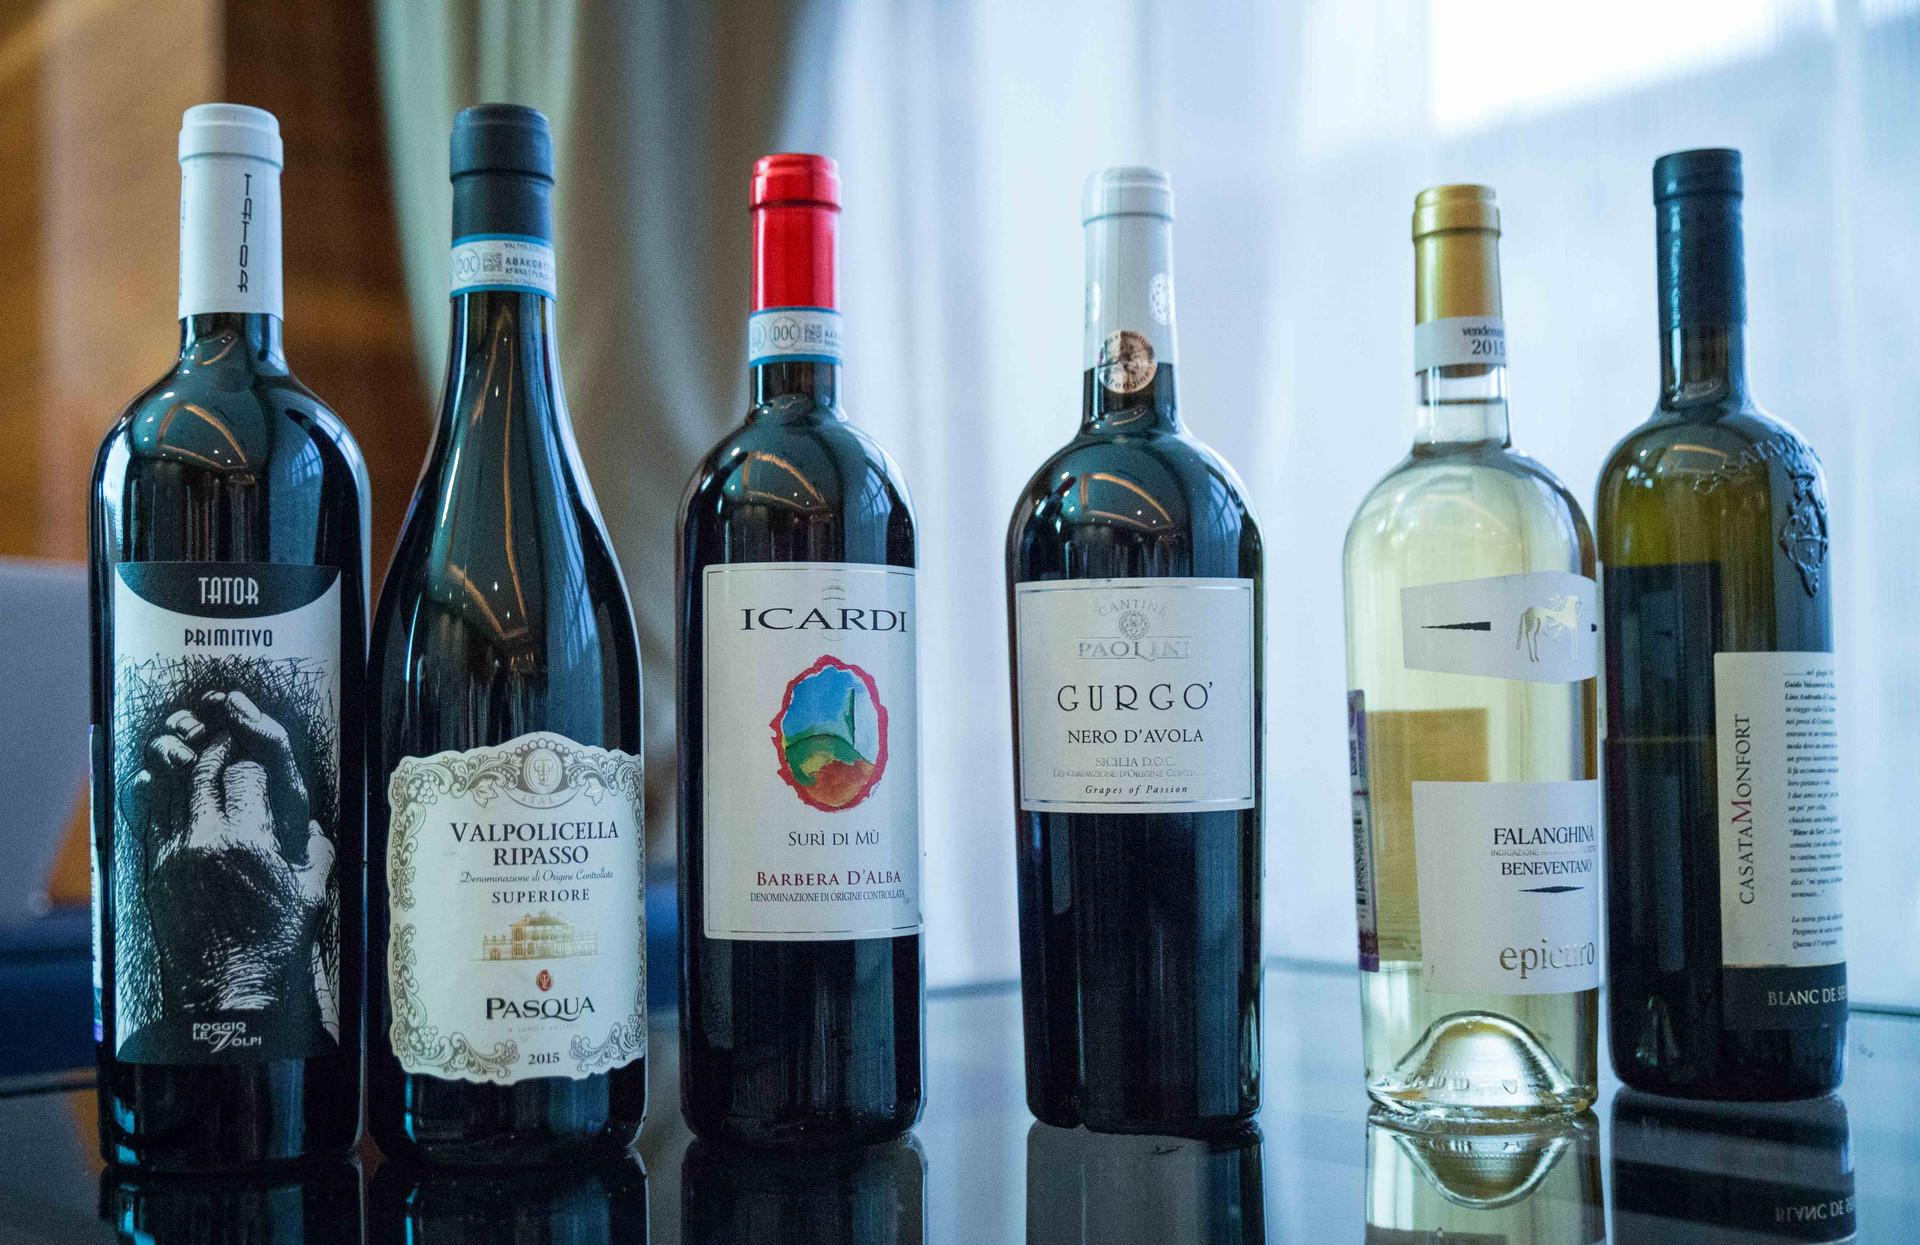 Bottiglie in mostra